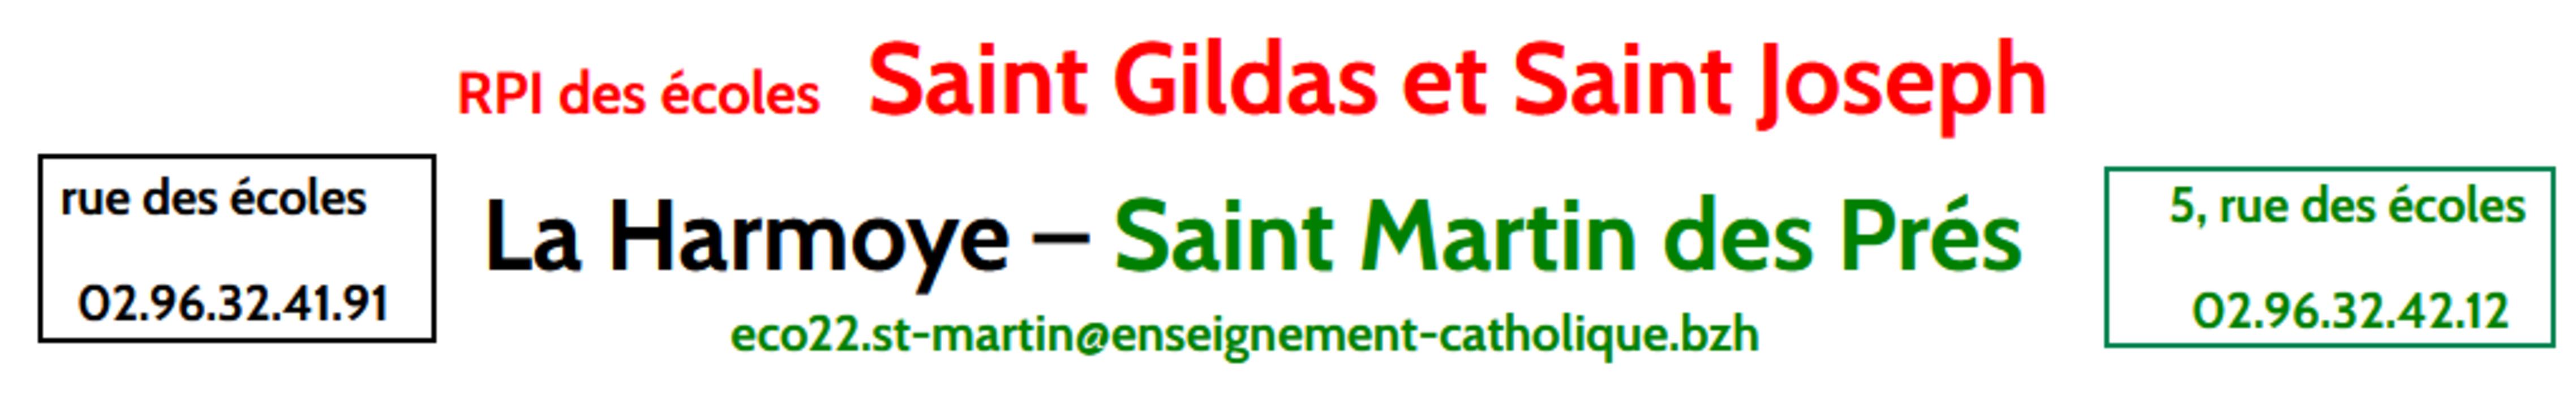 SAINT MARTIN DES PRÉS - REPAS À EMPORTER LE 27 MARS 2021 0